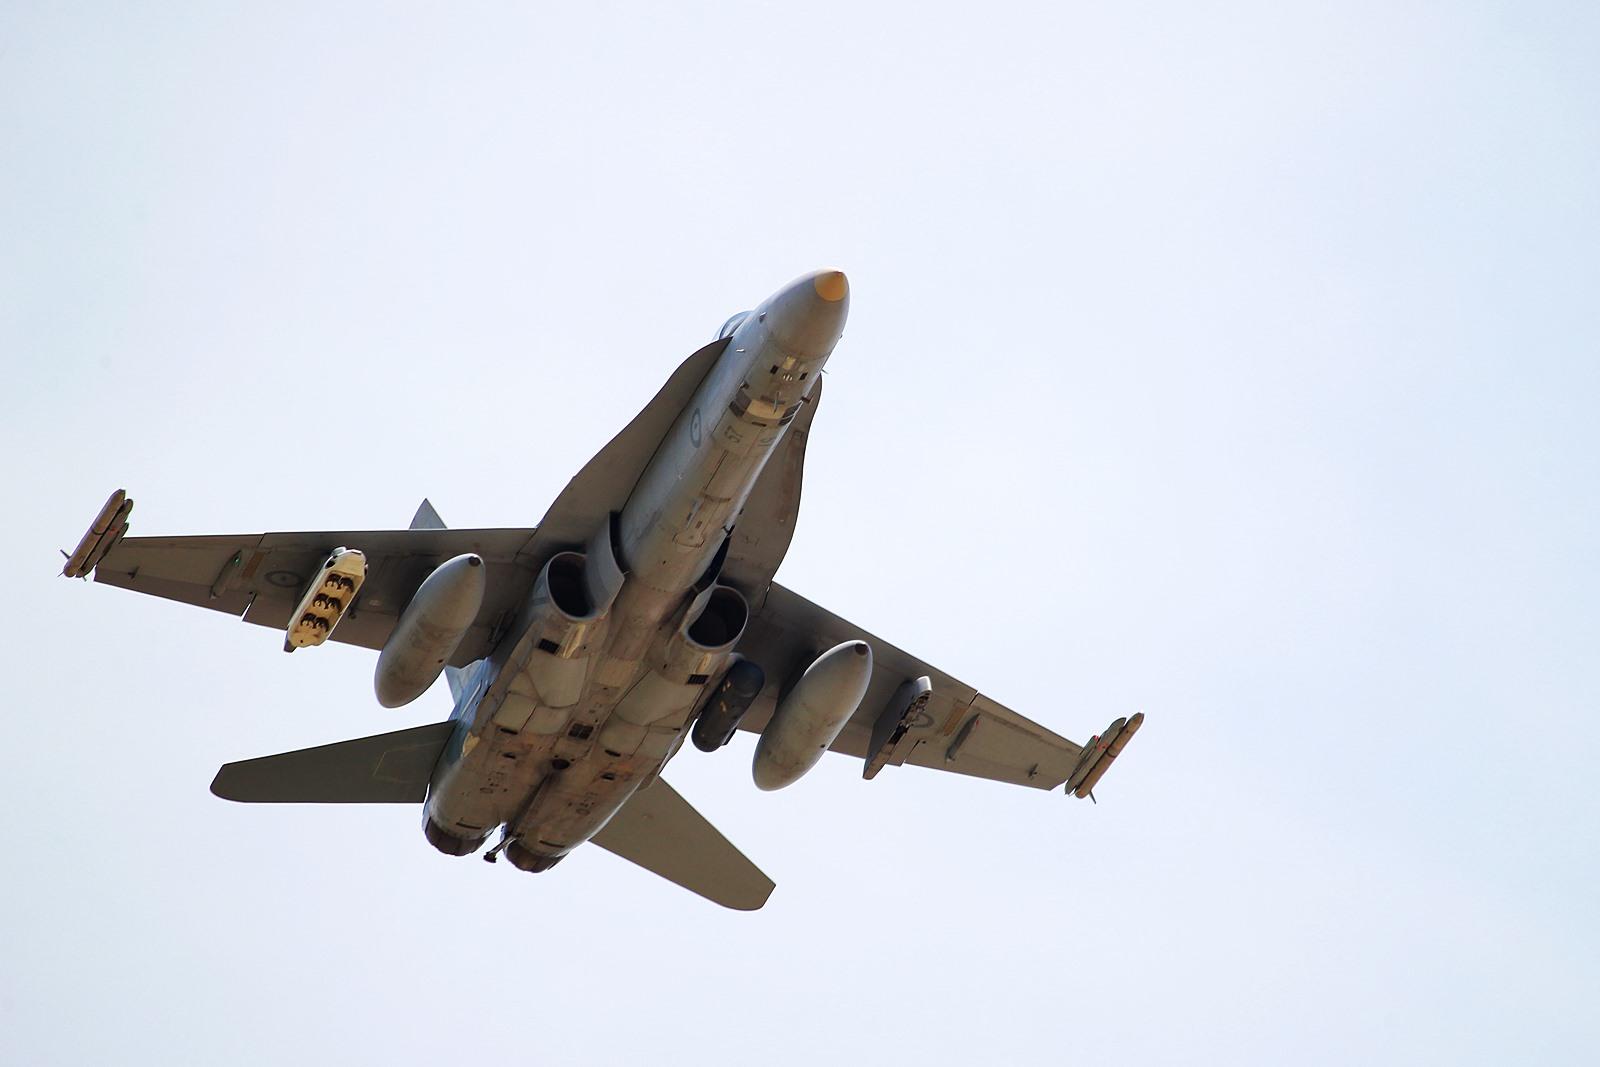 신입조종사 축하비행후 세척하는 호주공군 F/A-18A..